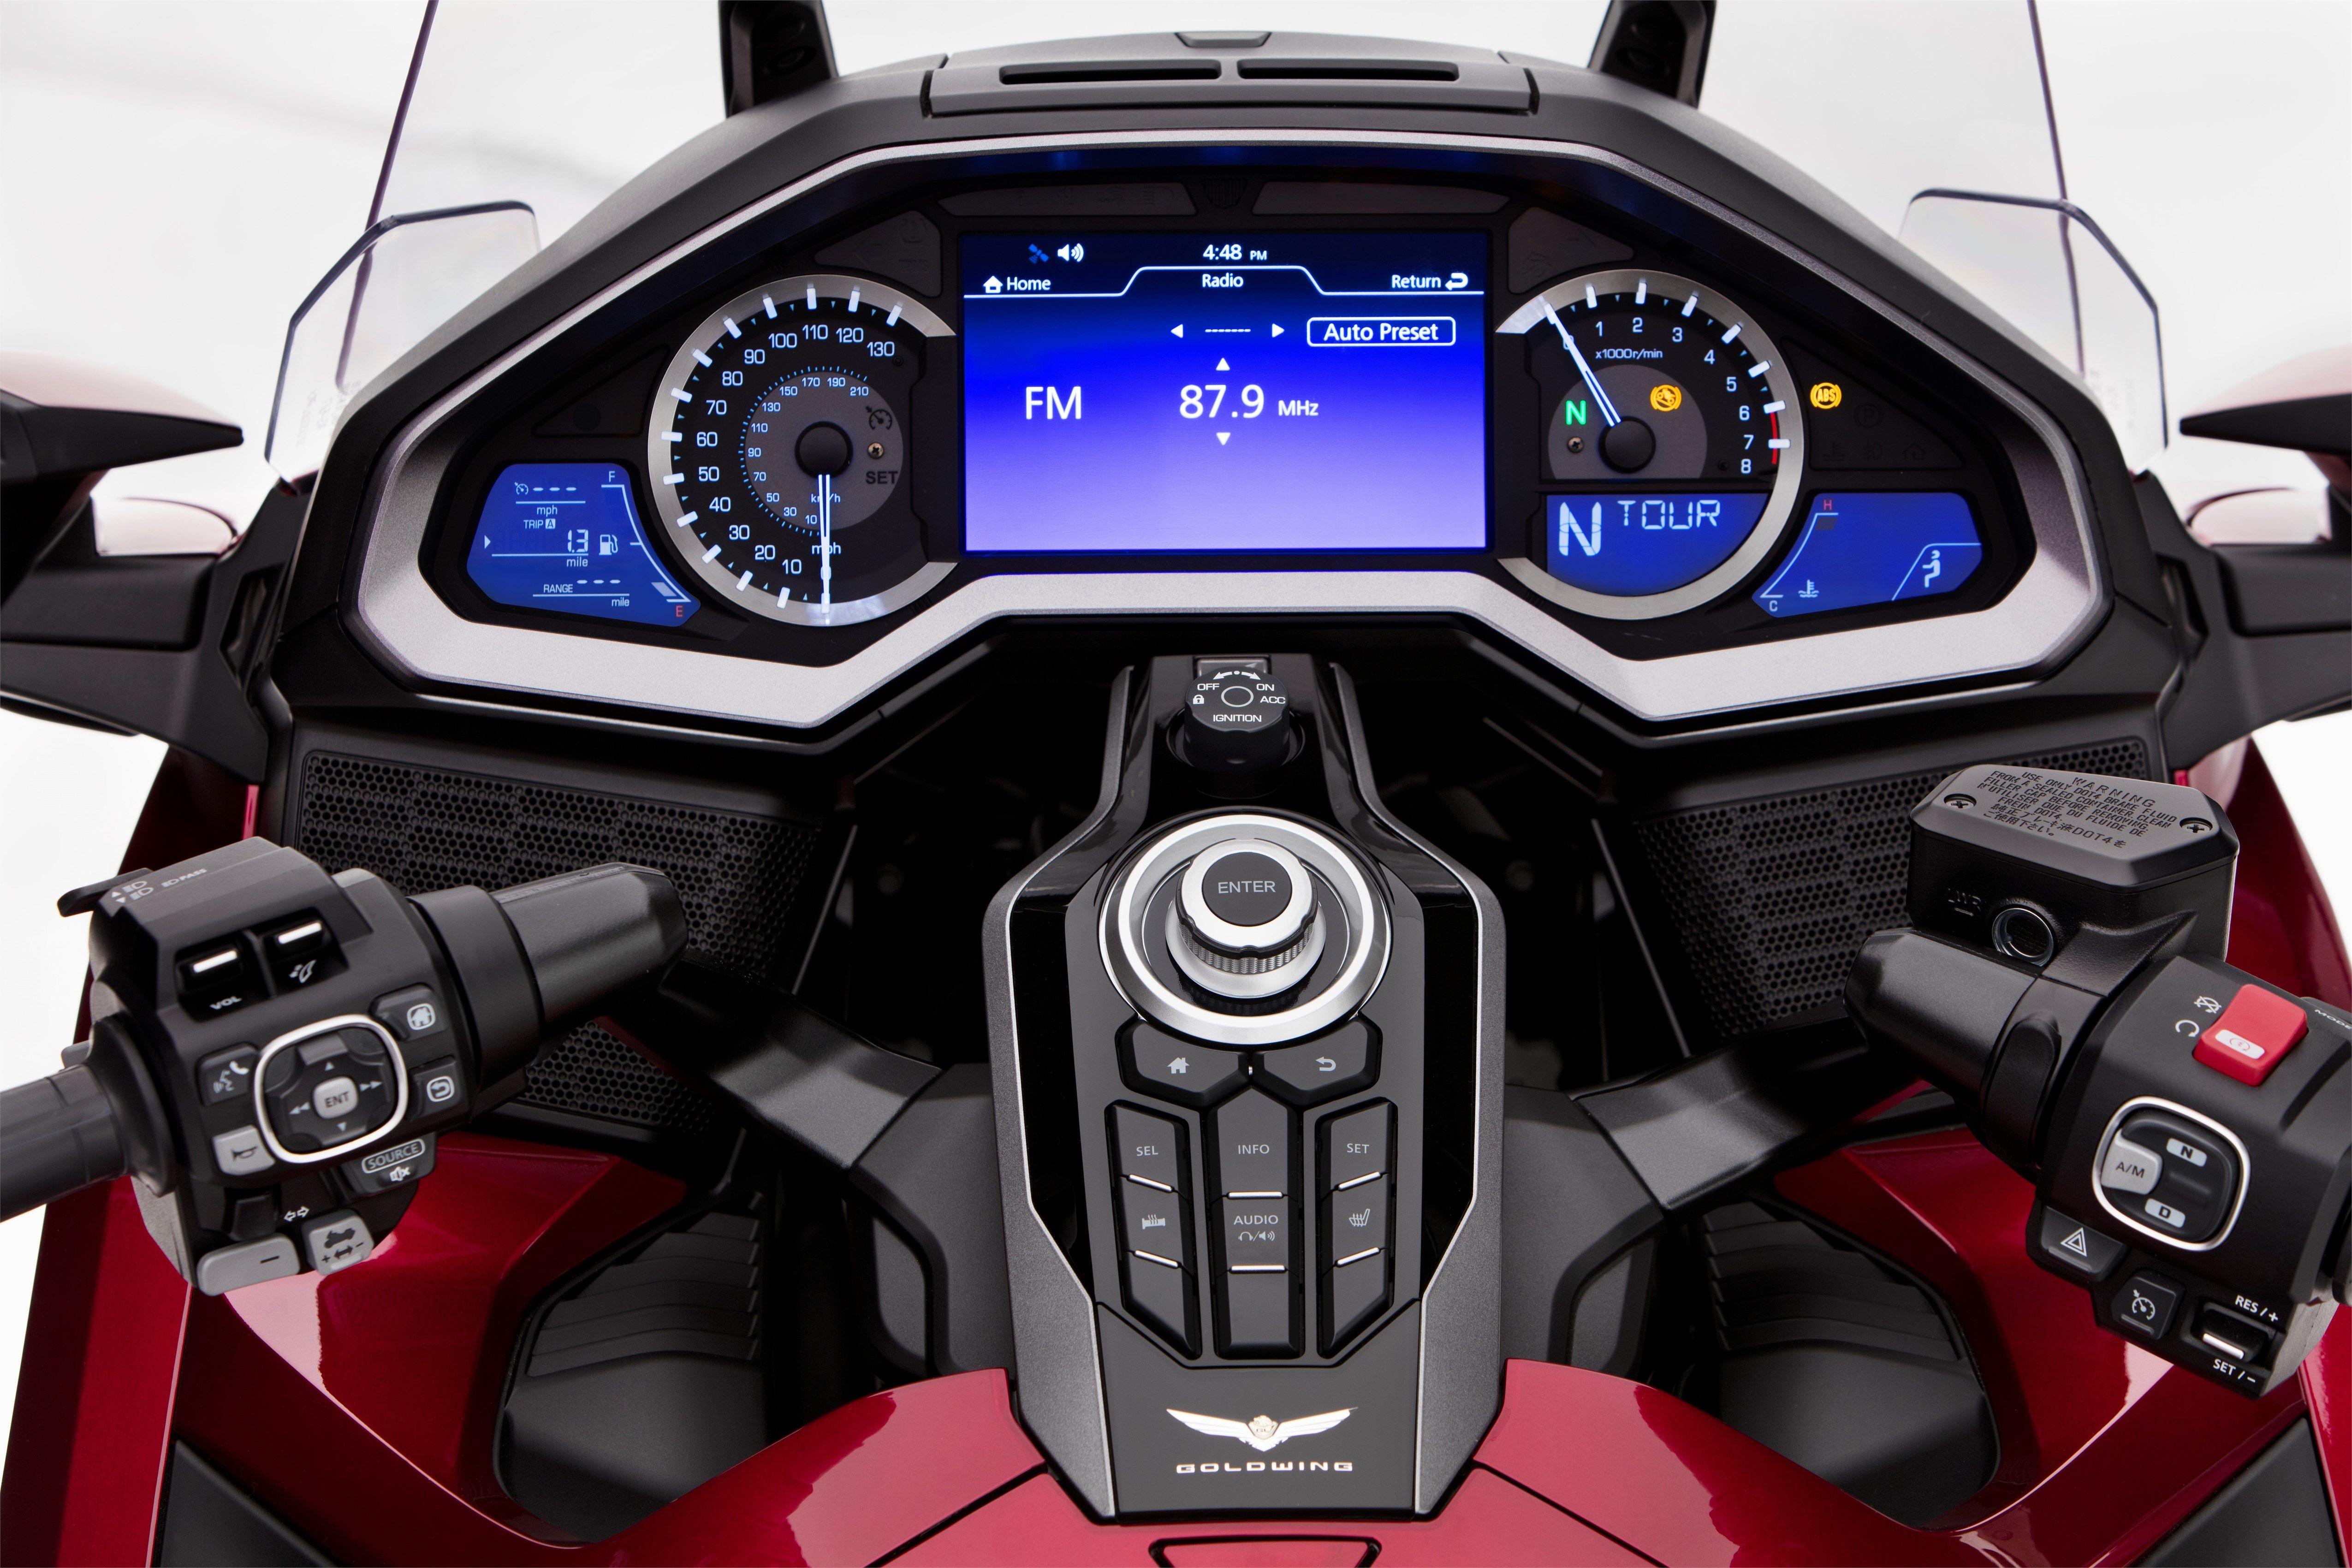 Nouvelle Honda Gold Wing 2018 : la reine change tout ! - Moto ...